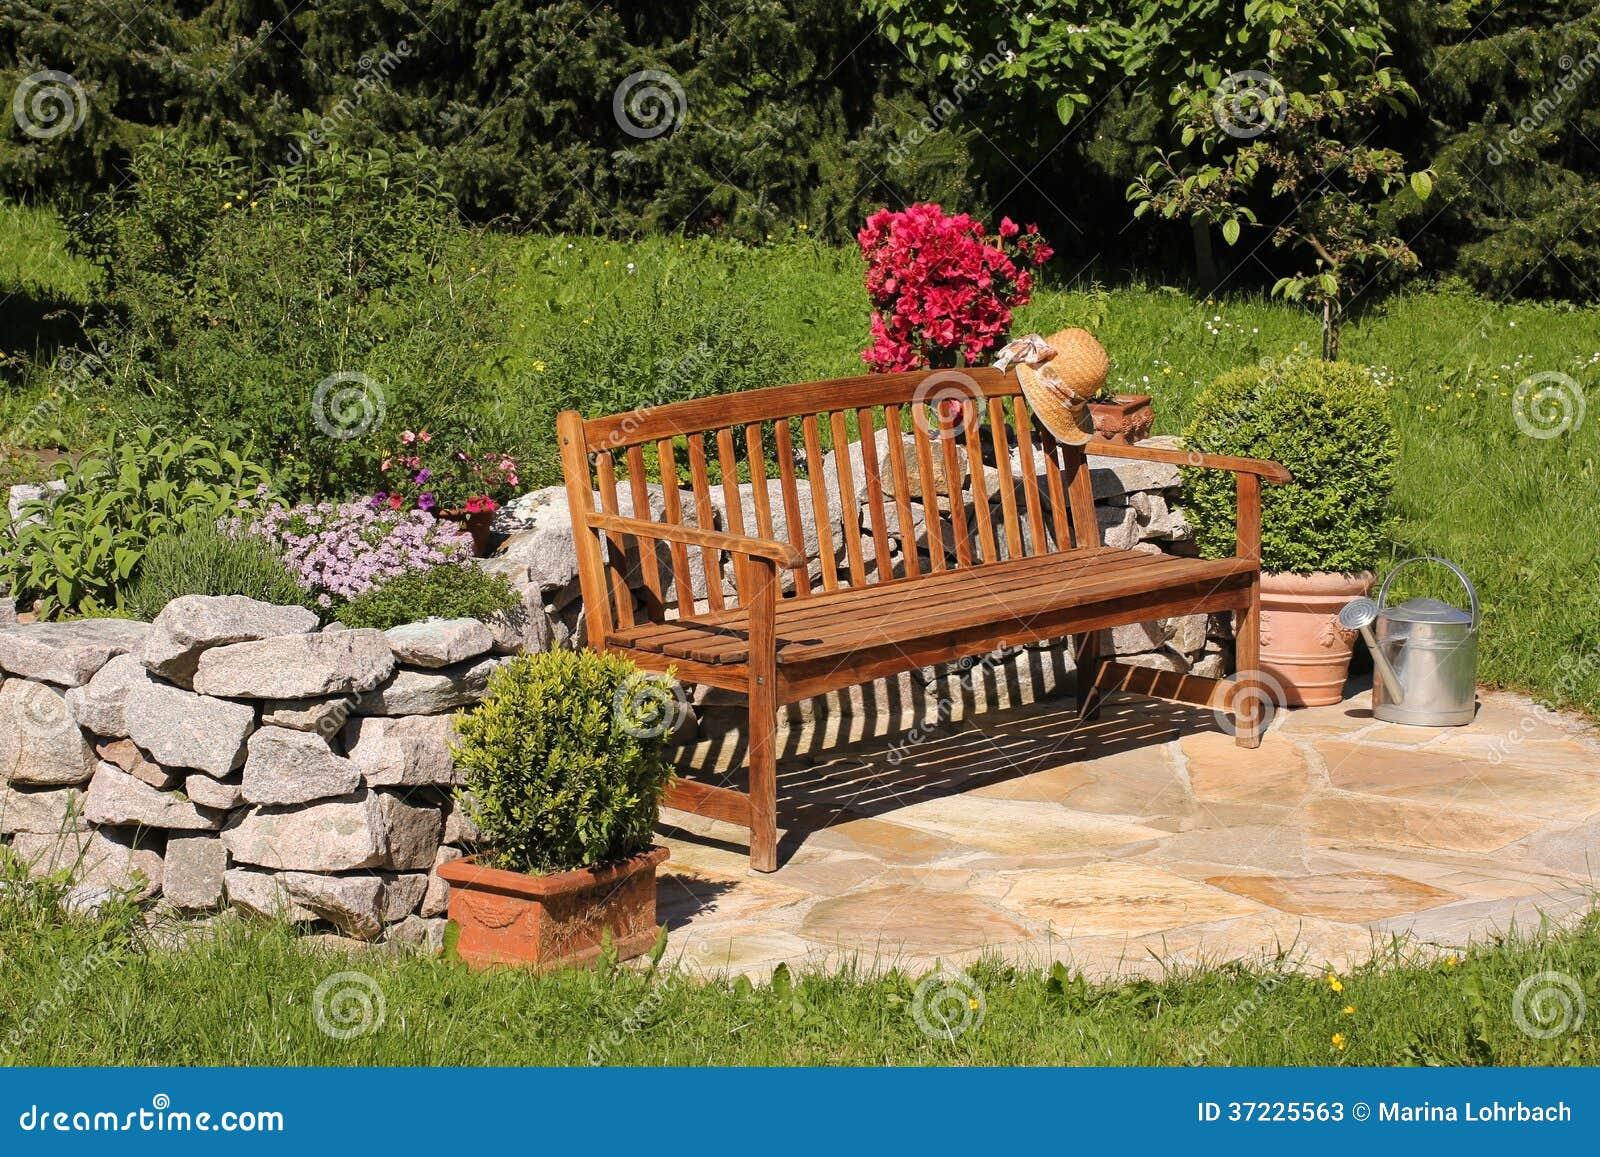 banco de jardim vetor:Jardim De Erva, Lata Molhando E Banco Fotos de Stock – Imagem